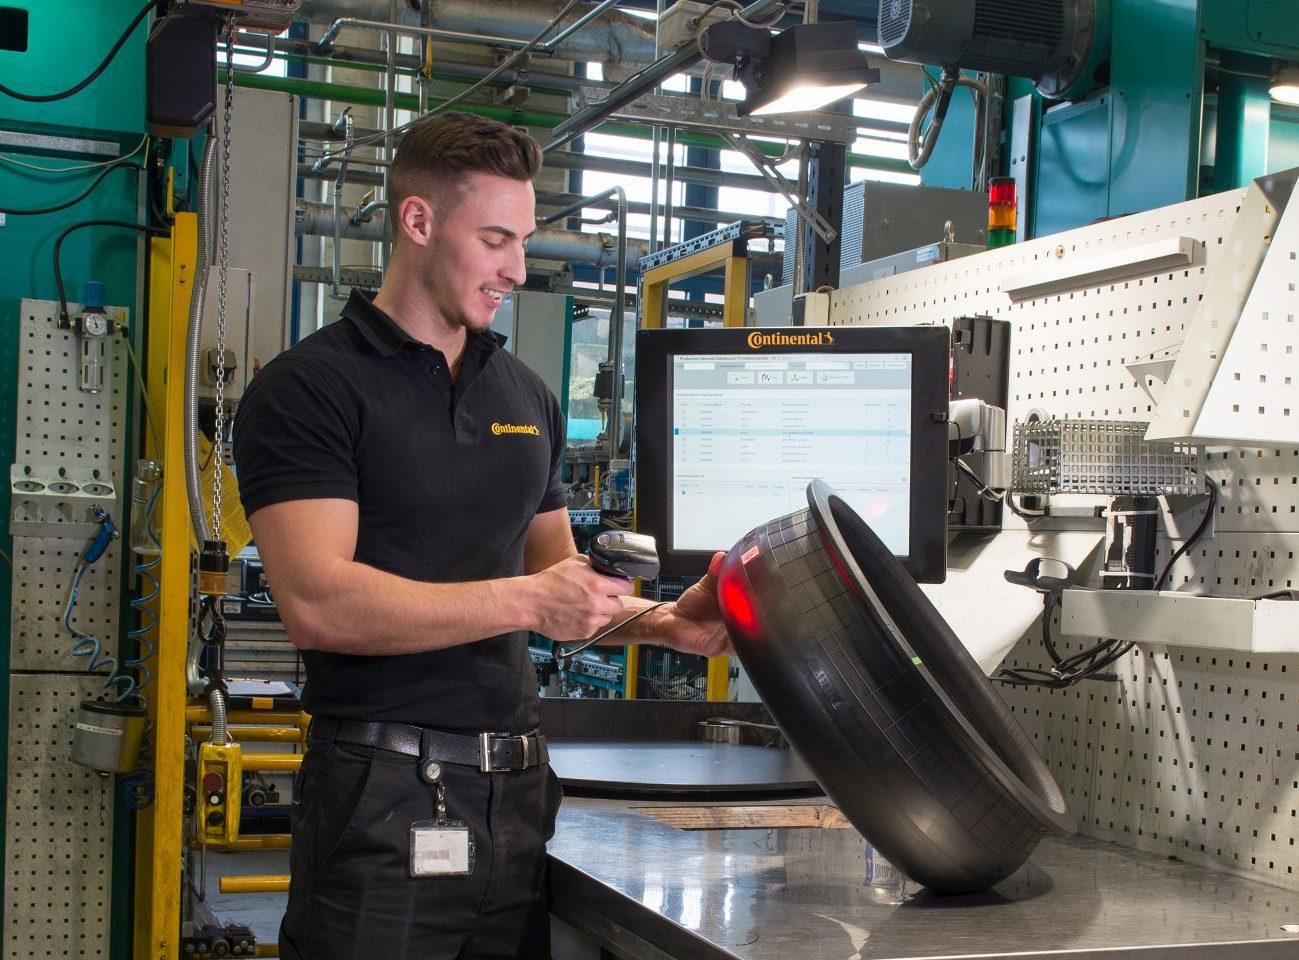 Online-Maschinenintegration mit Übergabe der Prozessparameter von SAP ME (Bild: IGZ Ingenieurgesellschaft für logistische Informationssysteme mbH)